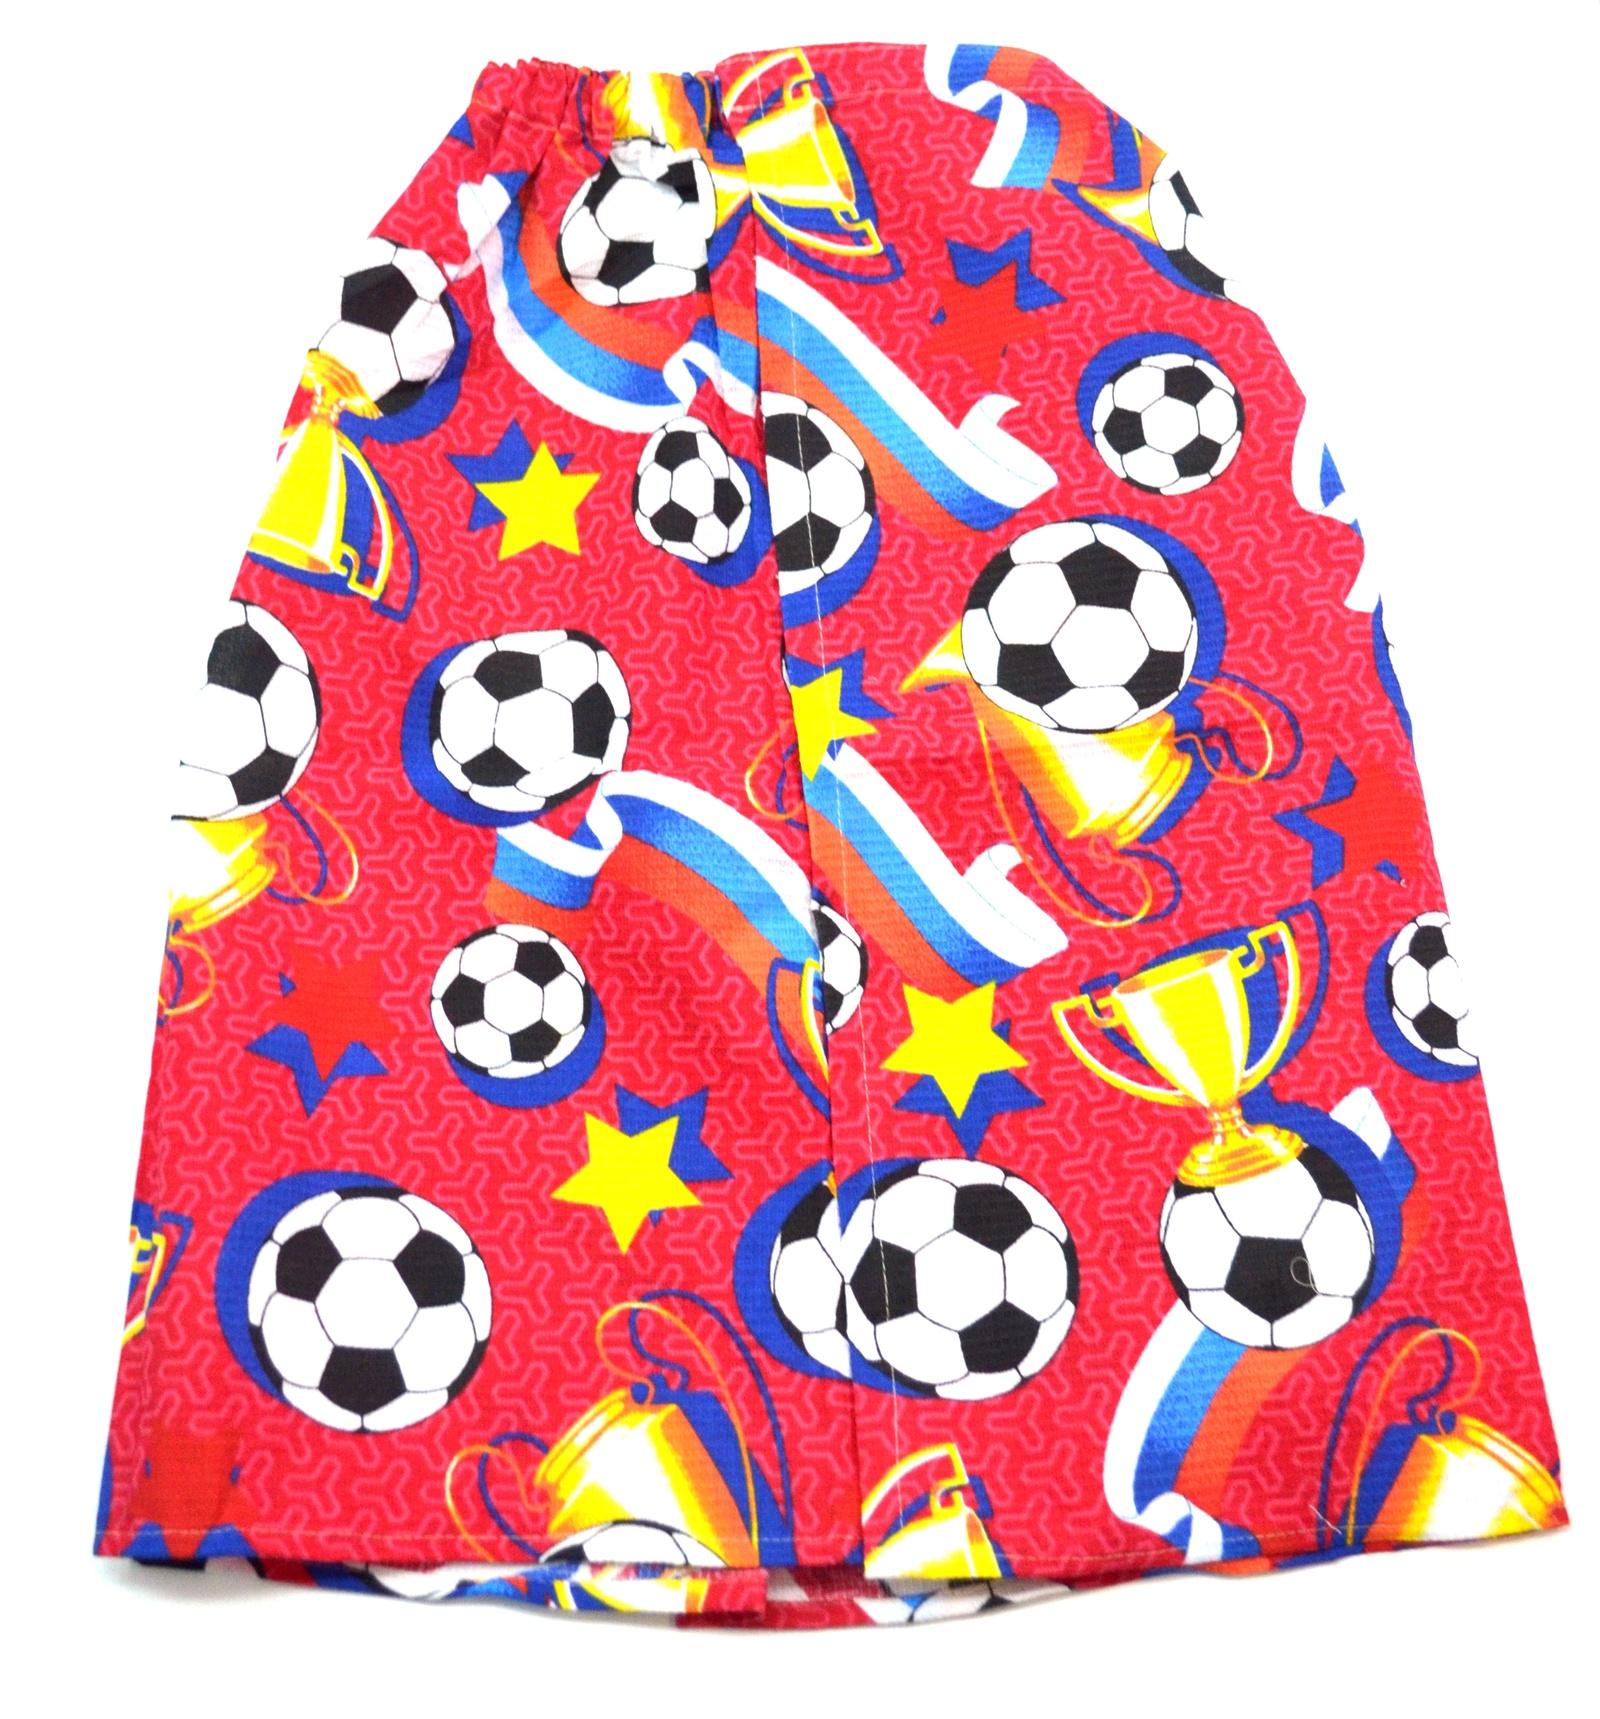 Килт для бани мужской вафельная ткань ФУТБОЛ красный килт для бани tapani тапани